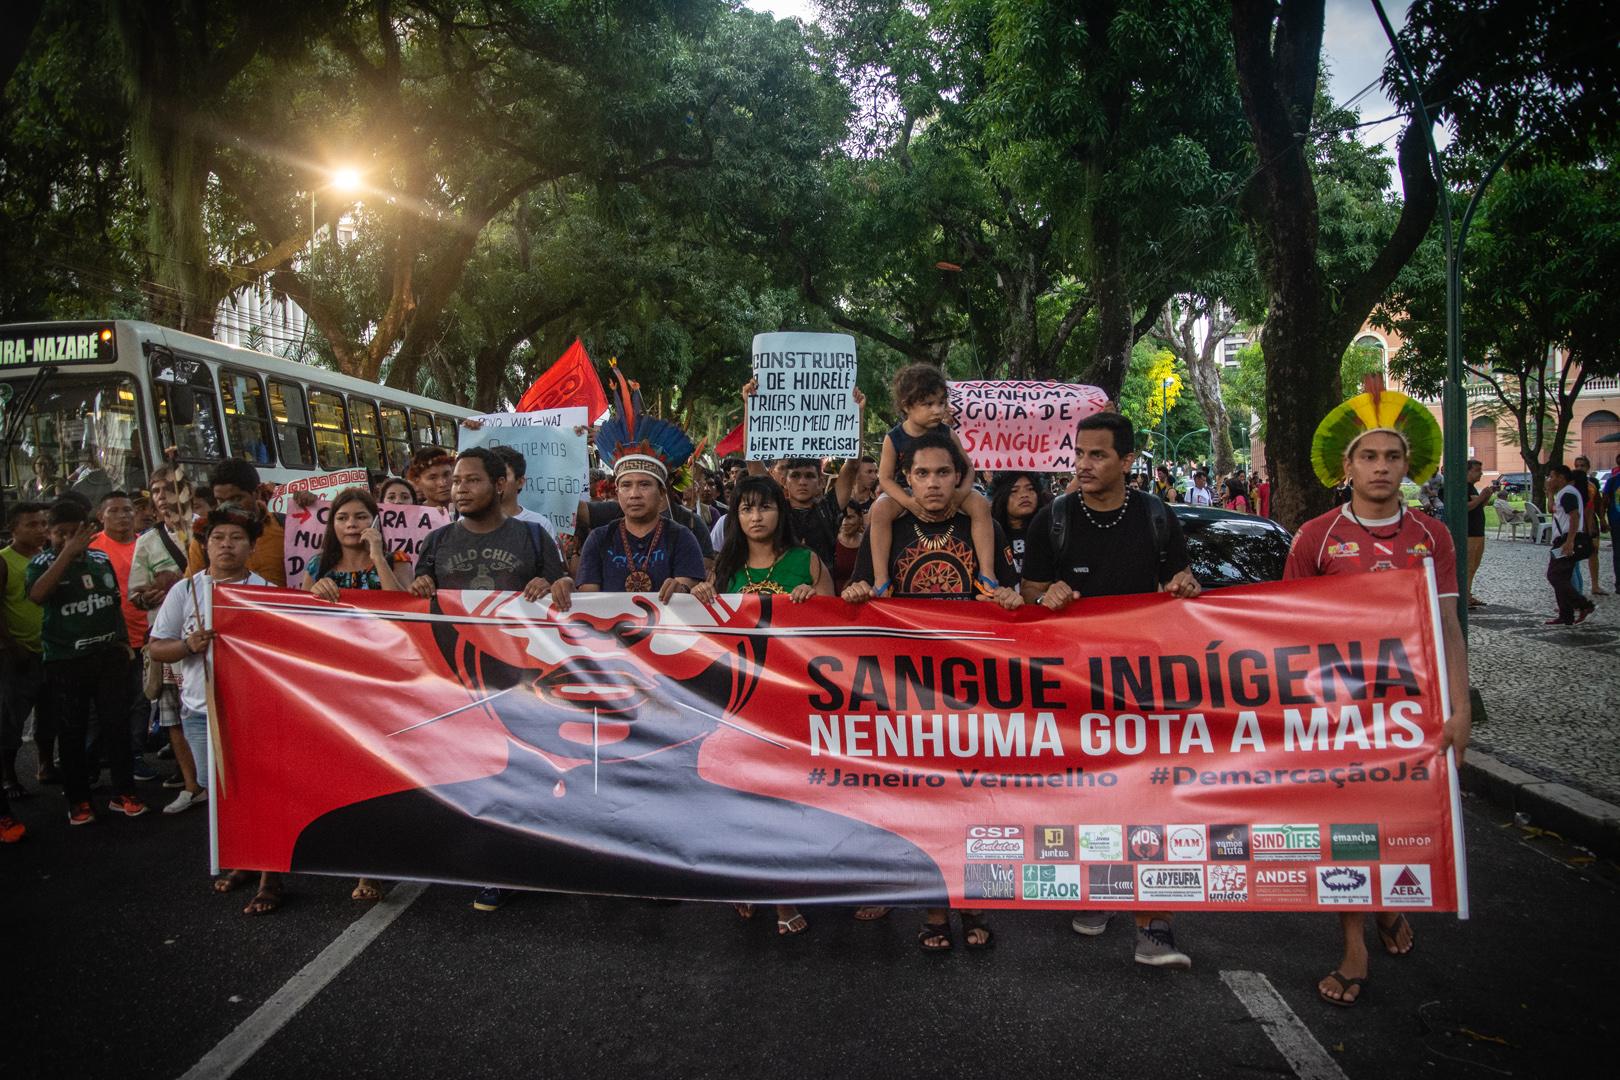 No Pará, protestos incluem questões da saúde, educação e até venezuelanos